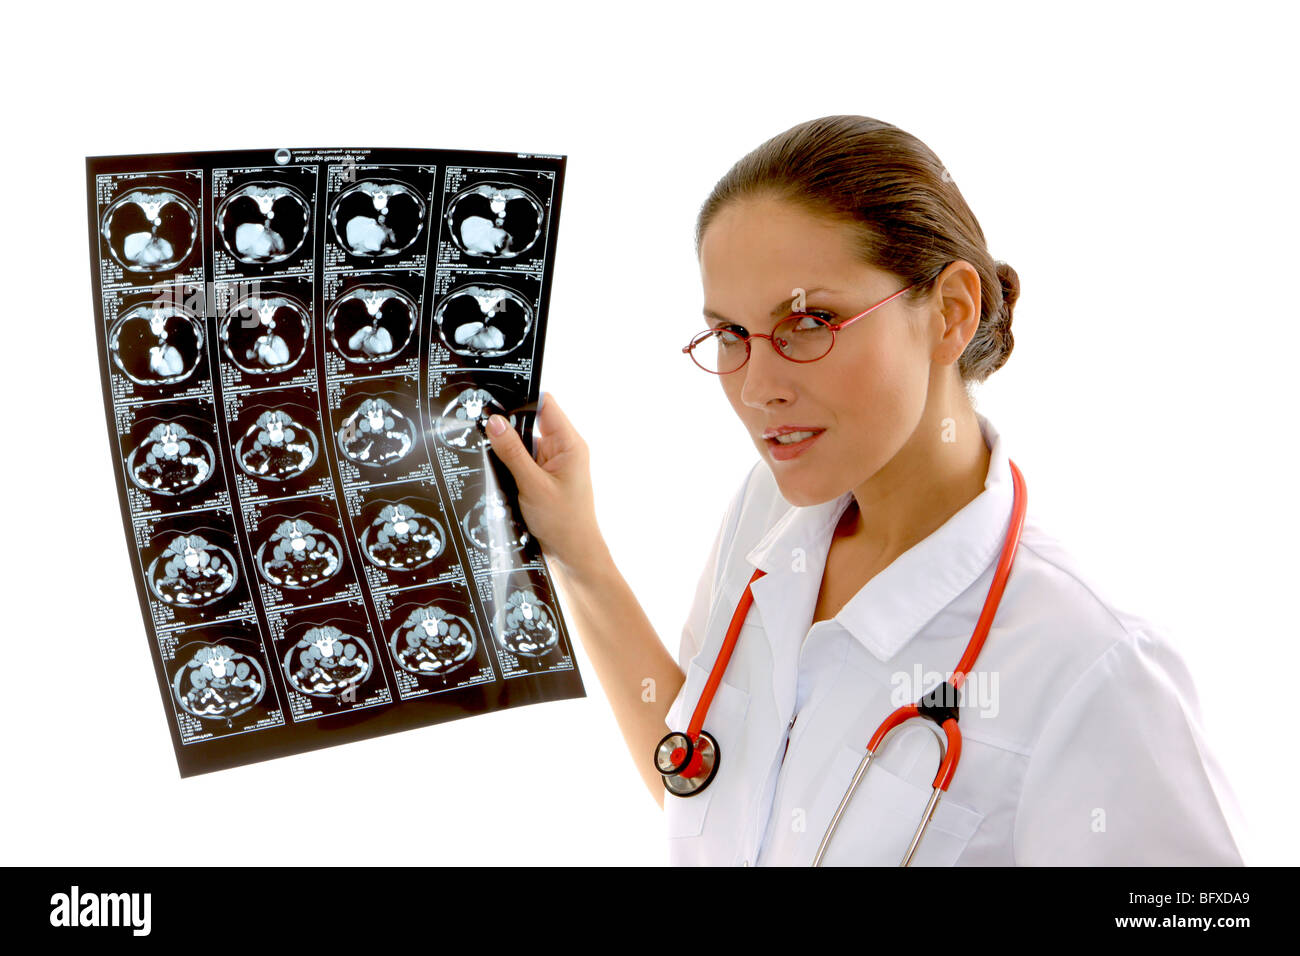 Ärztin Mit Einer Röntgenaufnahme, ärztin überprüfen Röntgenbild Stockbild